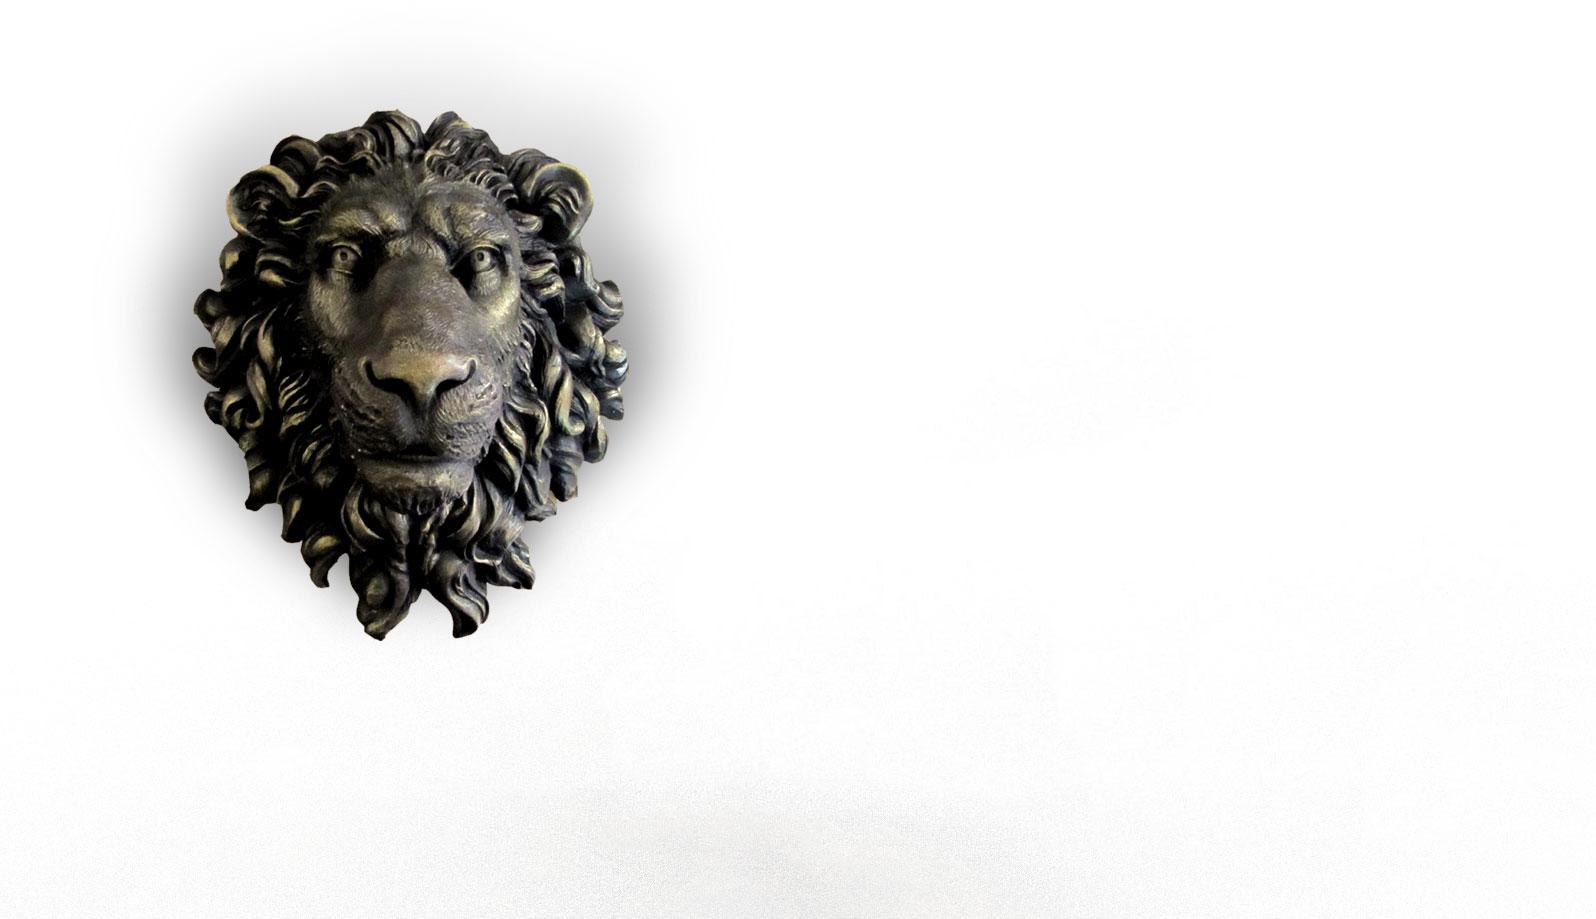 basorelief din bronz cap de leu detalii realiste